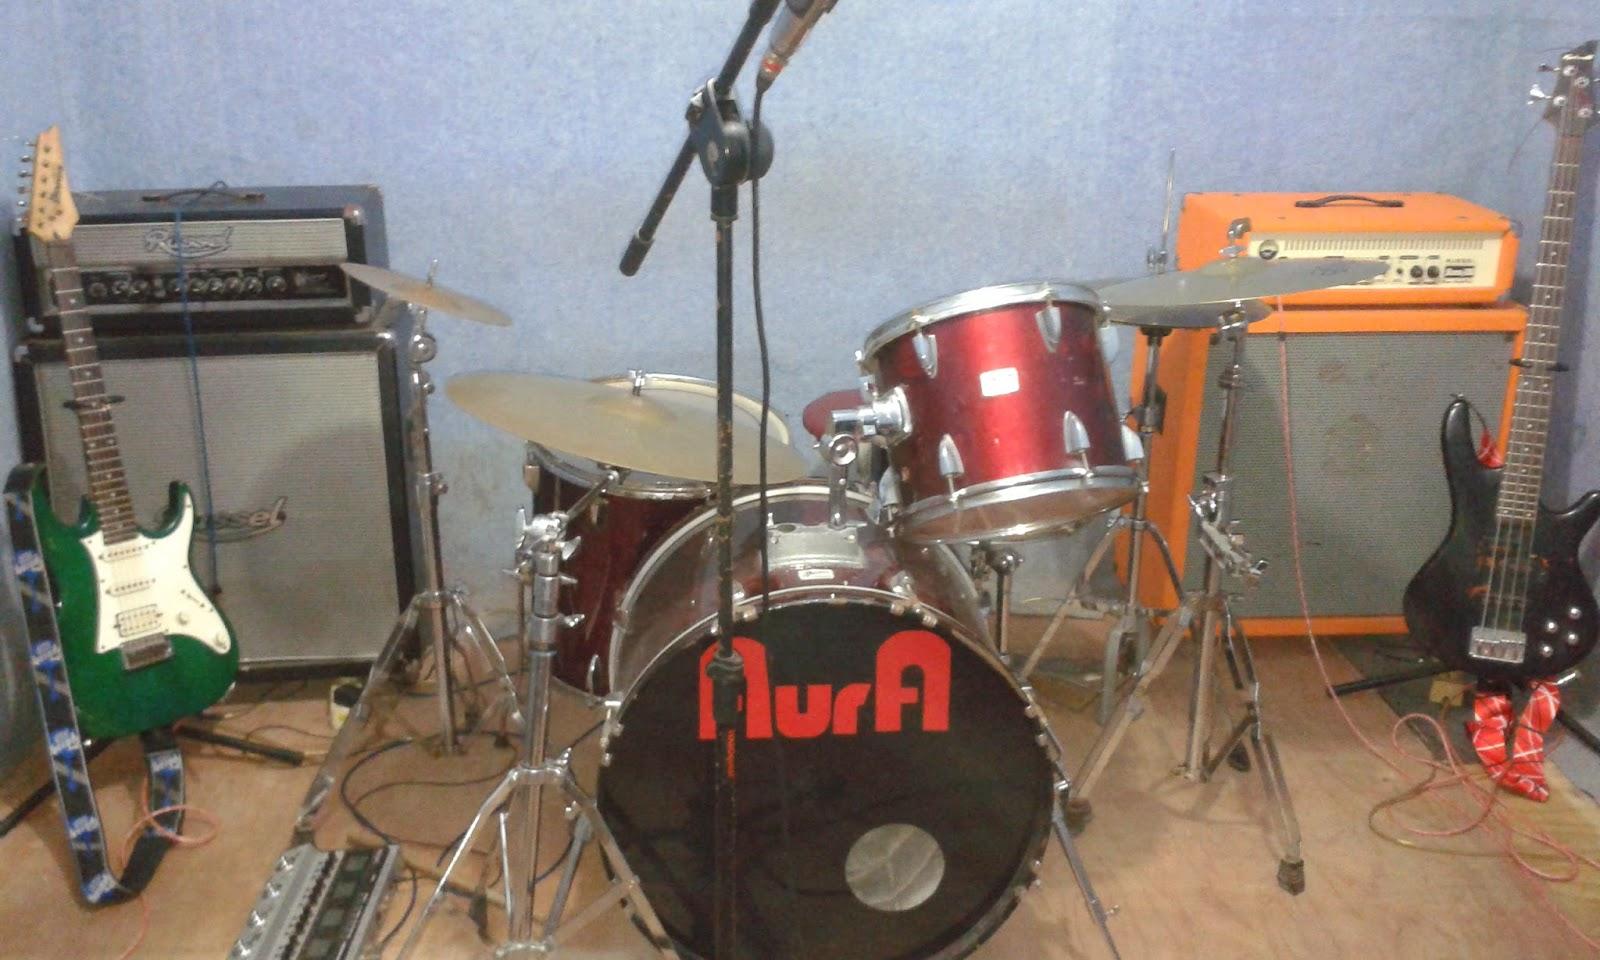 3 Paket Sewa Alat Band Terheboh Sound System 1 Set Jay 08569916979 Pin 7413d7a1 Wa 089671334101